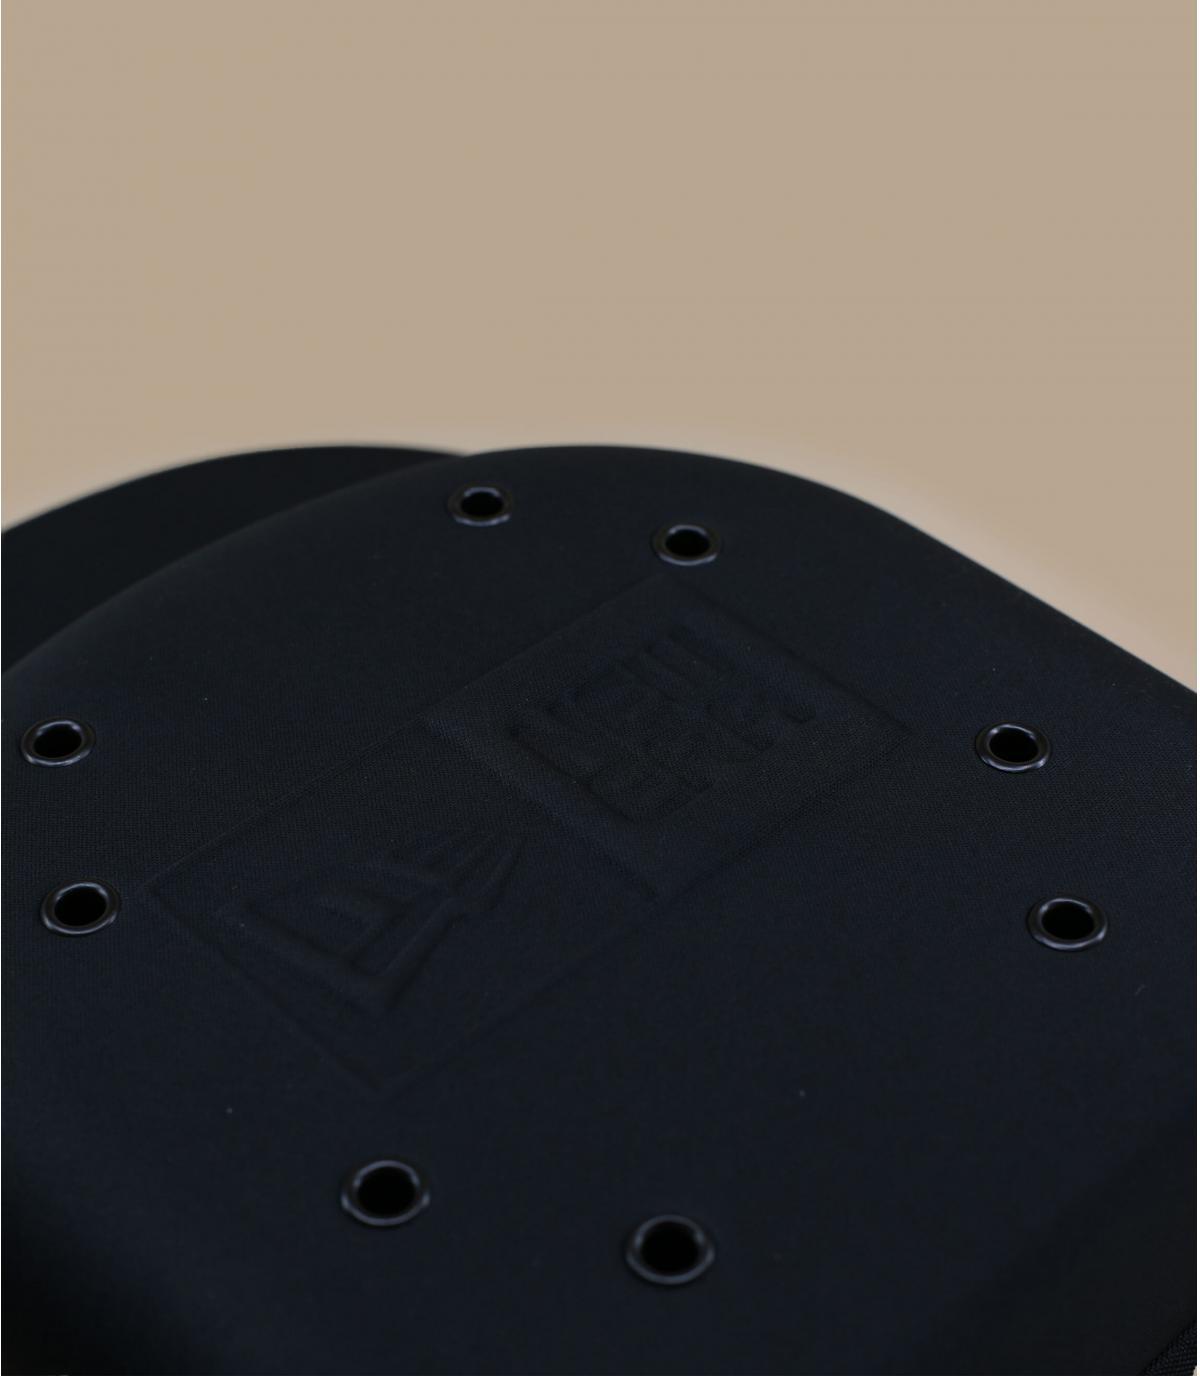 Détails Boîte à casquette x6 - image 2